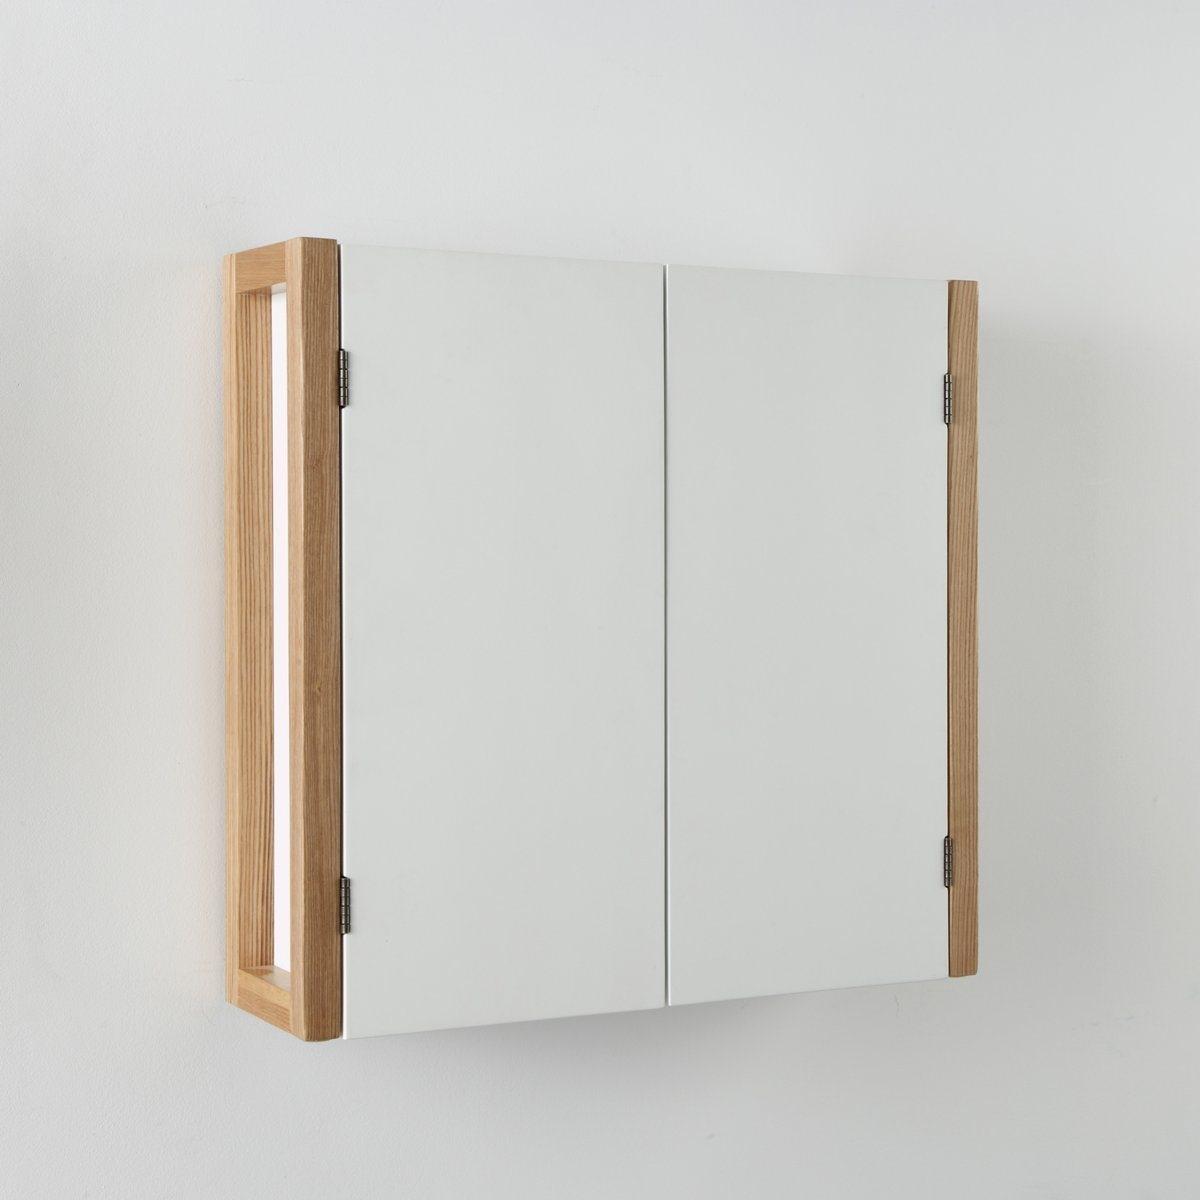 Высокий шкаф для ванной комнаты CompoВысокий шкаф Compo с 2 дверцами. Скандинавский стиль: сочетание лака и светлого дерева. Благодаря размерам подойдет для любого интерьера!Описание шкафа Compo:2 дверцы с магнитными замками.1 полка.Для шкафа Compo предусматривается самостоятельная сборка.Характеристики шкафа Compo:Стойки из дуба.Шкаф и дверцы из МДФ с лакированным матовым покрытием нитроцеллюлозным лаком.Найдите другие шкафы и мебель для ванной комнаты и гостиной  из коллекции Compo на сайте laredoute.ru.Размеры шкафа Compo:Общие:Длина: 65 см.Высота: 60 см.Глубина: 18 см.Полезные: Ш.55,4 x В.55,2 x Г.15,7 см + 1 стационарная полка.Размеры и вес с упаковкой:1 упаковка.Ш.68 x В.44,5 x Г.16 см.15,5 кг.<br><br>Цвет: белый